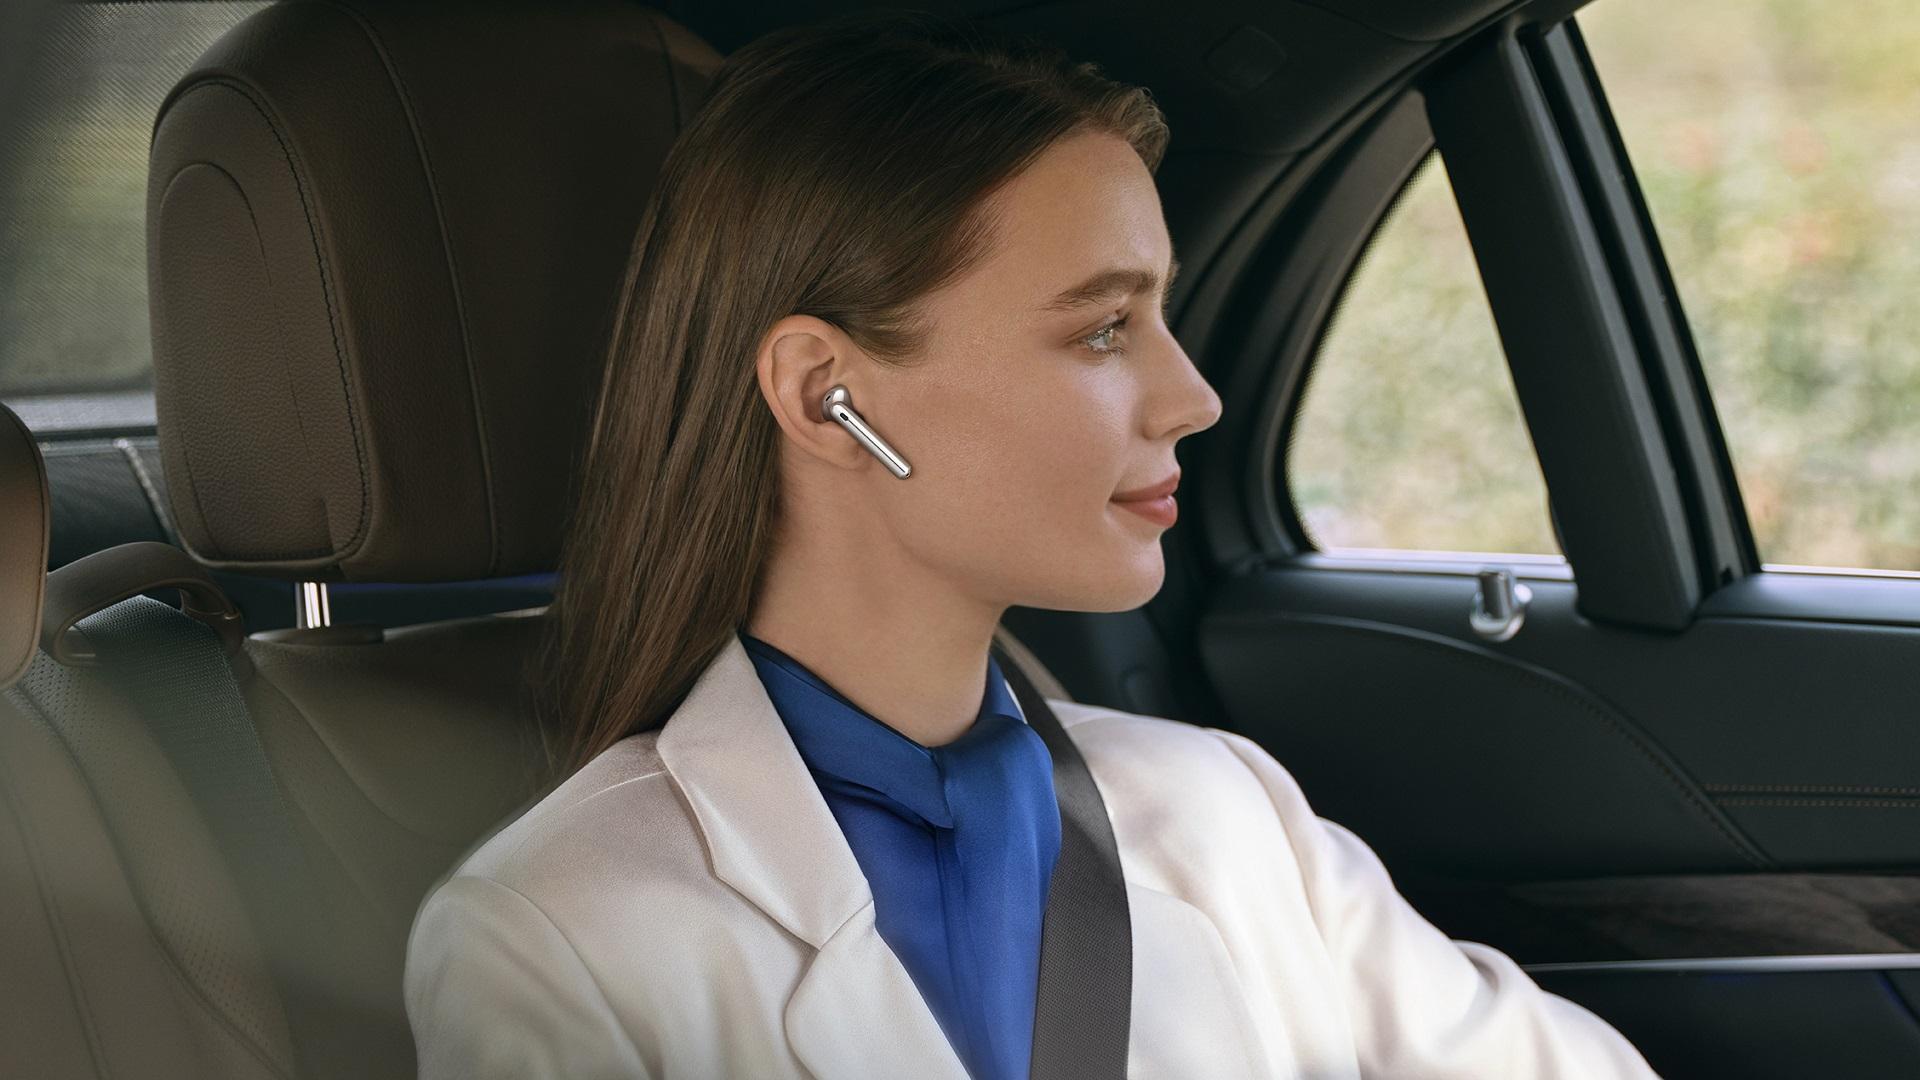 Huawei predstavuje FreeBuds 4 - prvé bezdrôtové slúchadlá s adaptívnym potlačením okolitého hluku